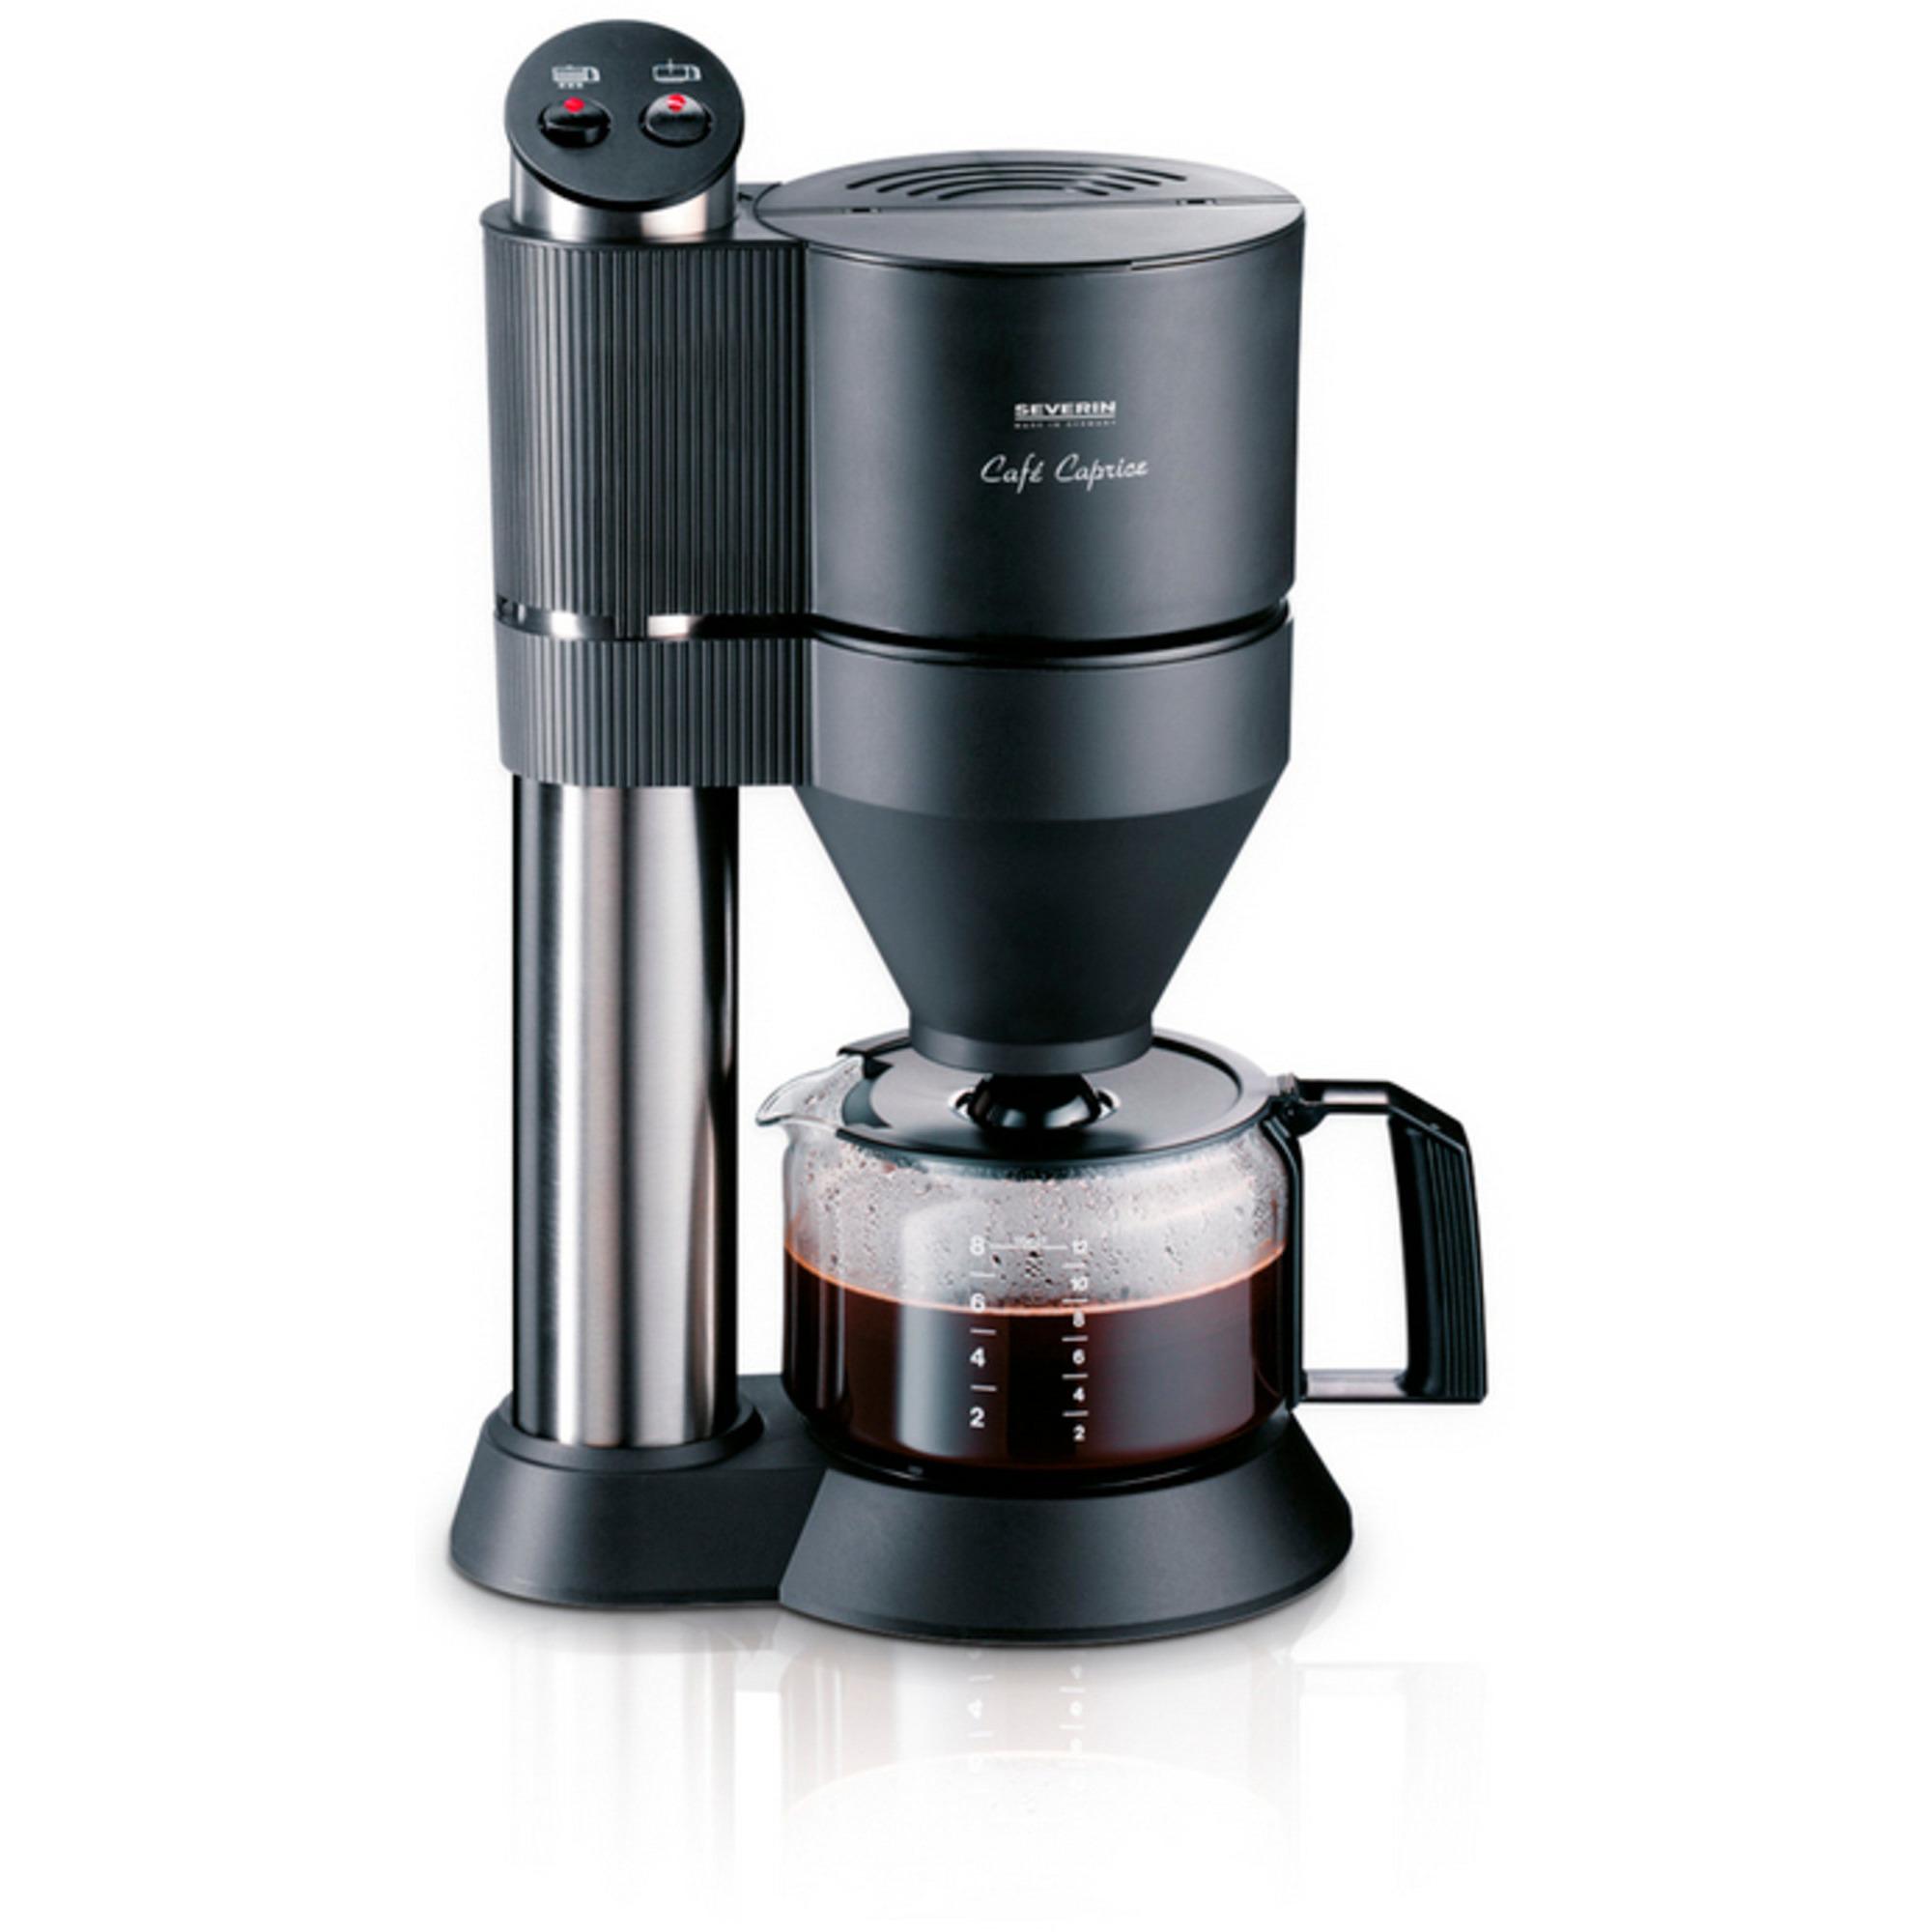 Severin 5703 Kaffemaskin